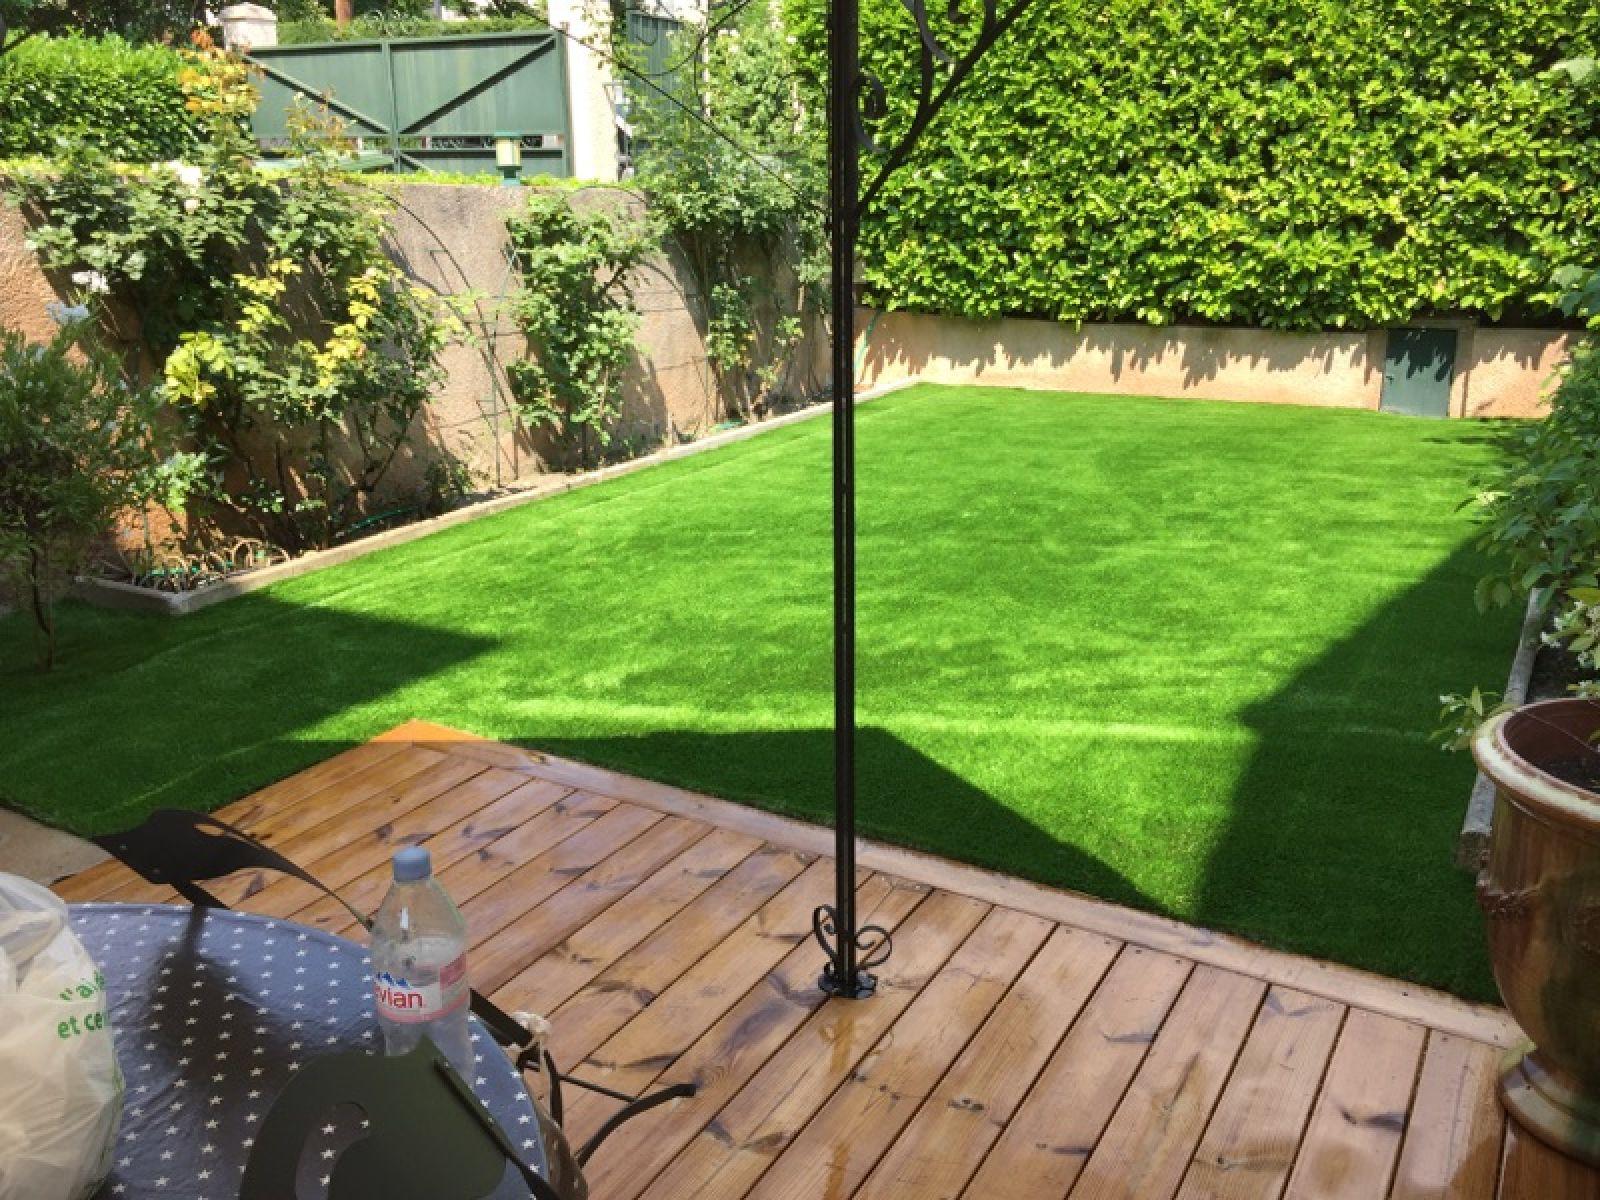 Aménager Un Jardin Avec Du Gazon Synthétique Marseille ... tout Aménager Son Jardin Pour Pas Cher